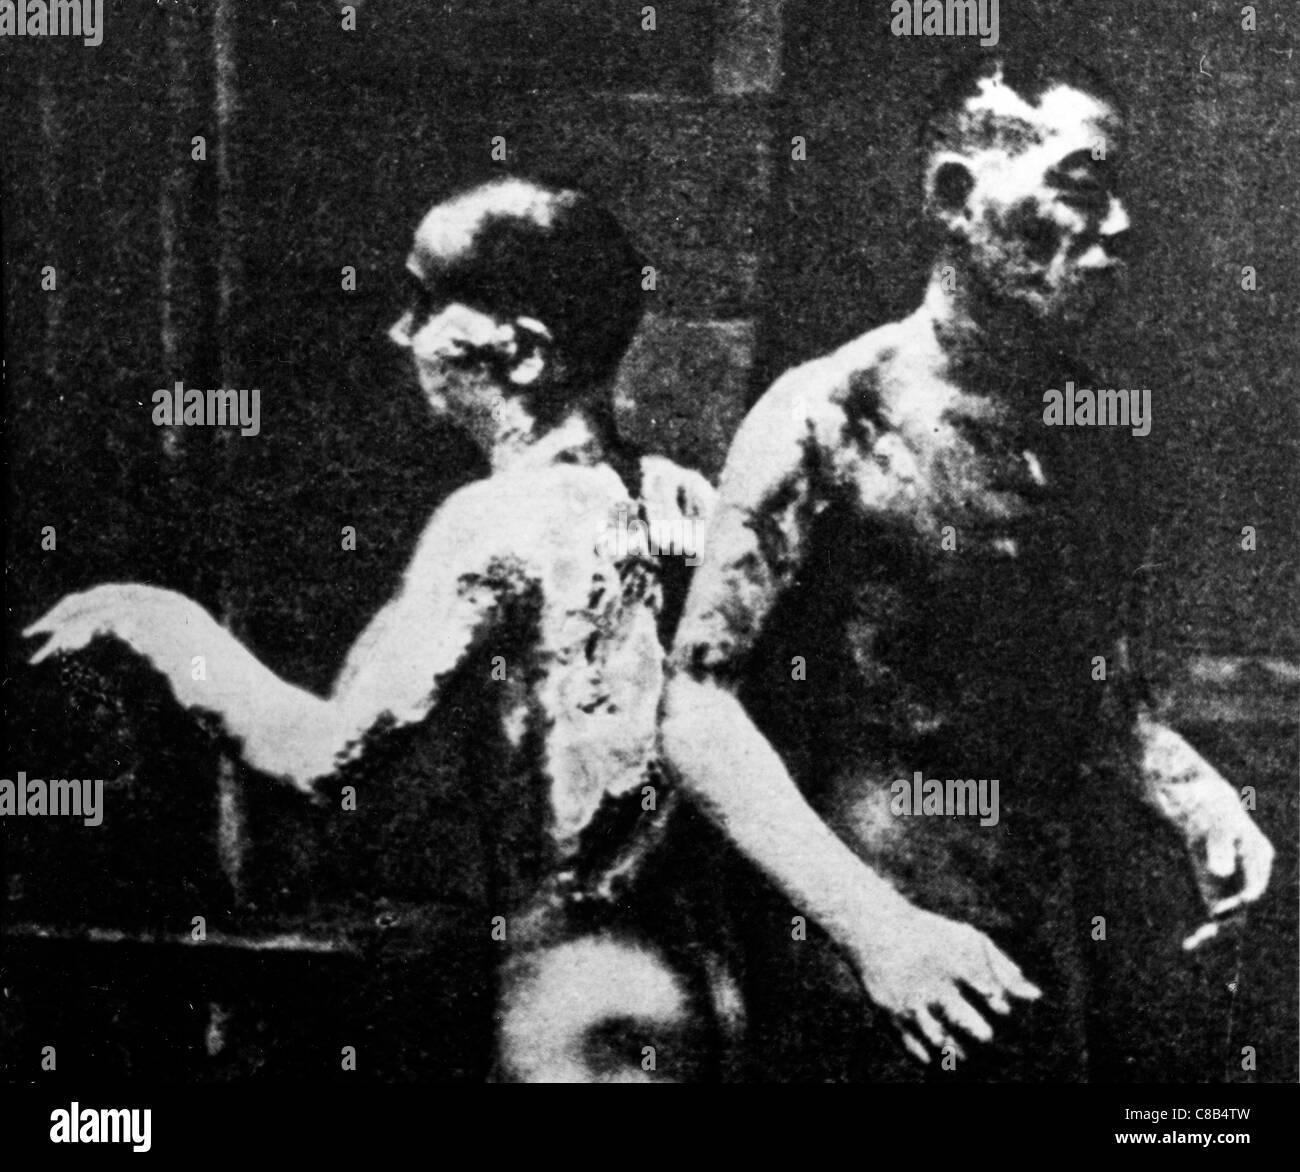 Deux après la gravure explosion atomique à Hiroshima,1945 Photo Stock